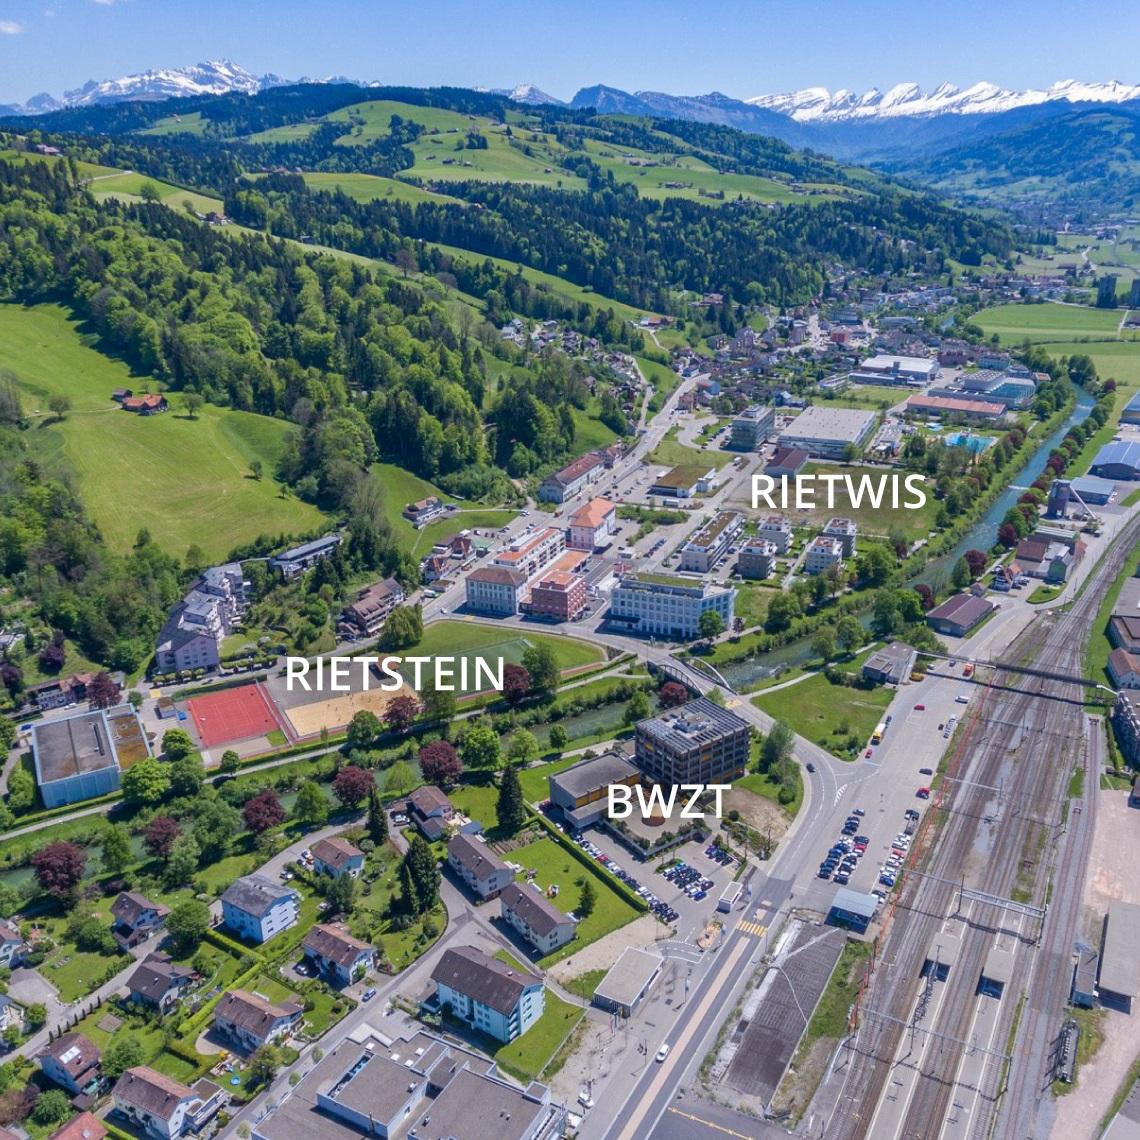 Lufaufnahme von Wattwil: MeinToggenburg.ch